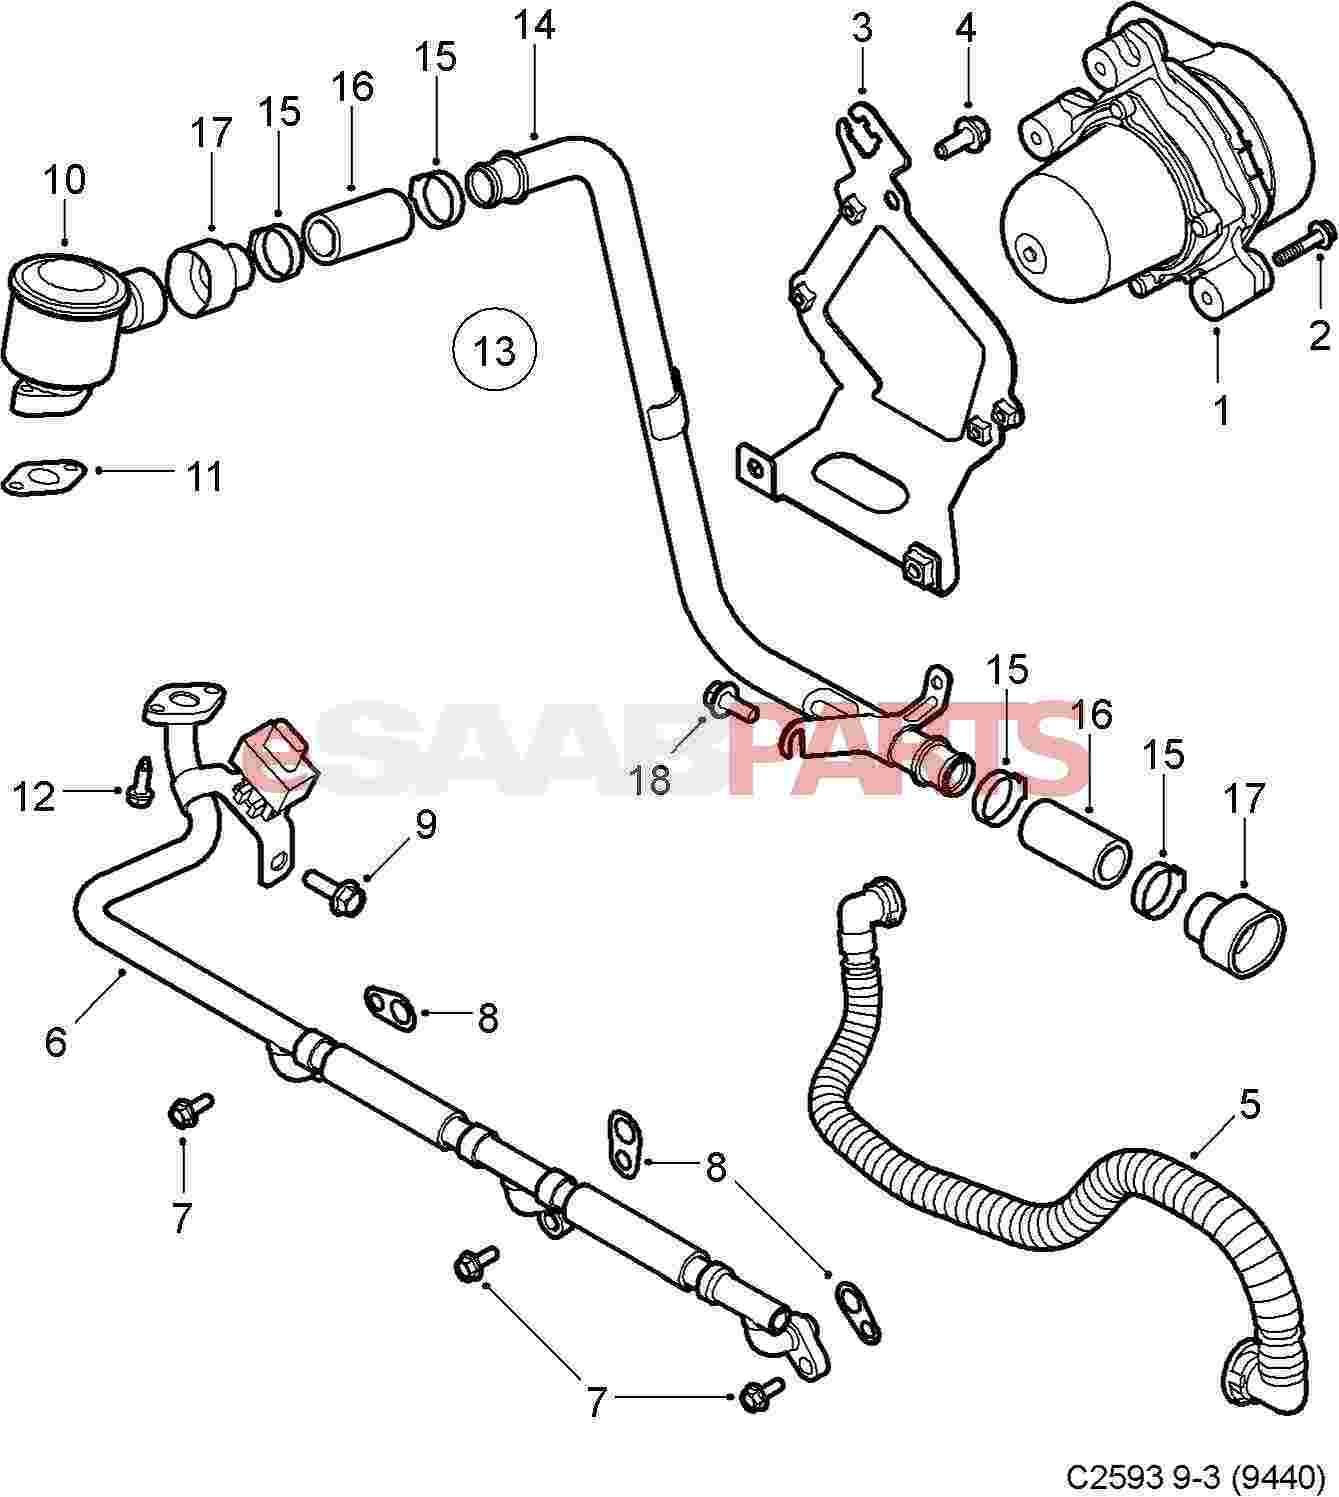 12791957 saab air pump genuine saab parts from esaabparts com rh esaabparts com Aro Air Diaphragm Pump Sandpiper Air Diaphragm Pump